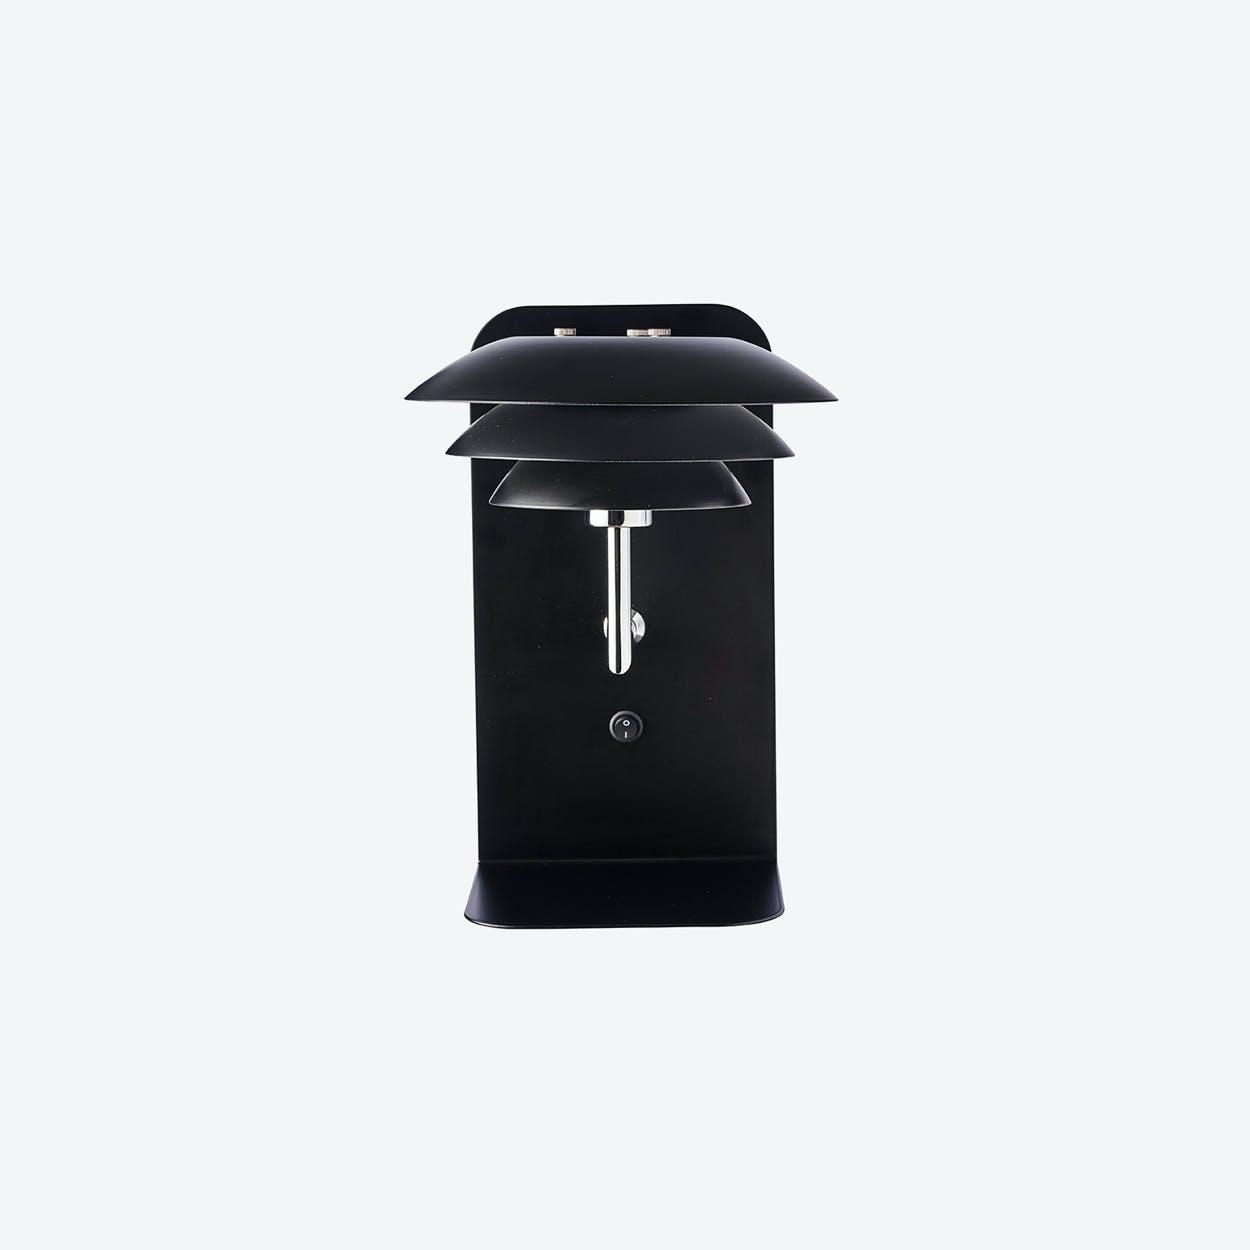 DL20 USB Shelf Including Lamp in Black